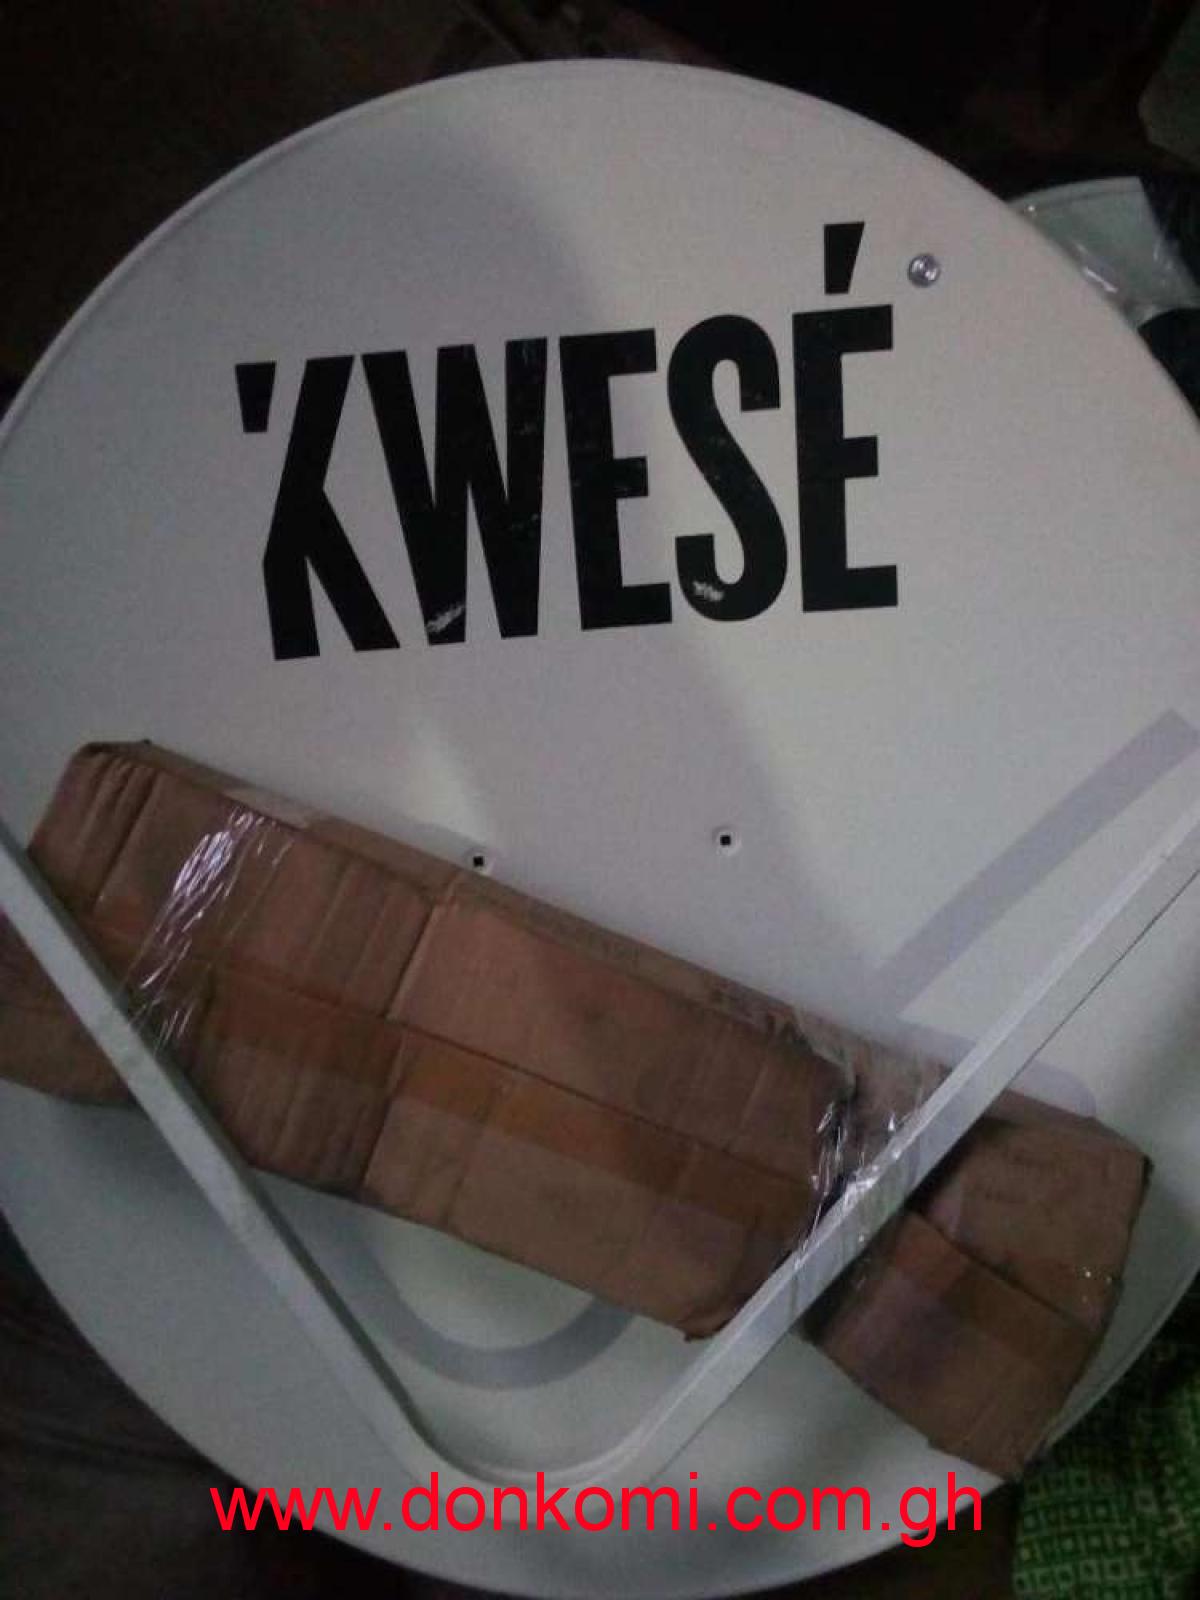 kwese TV full set